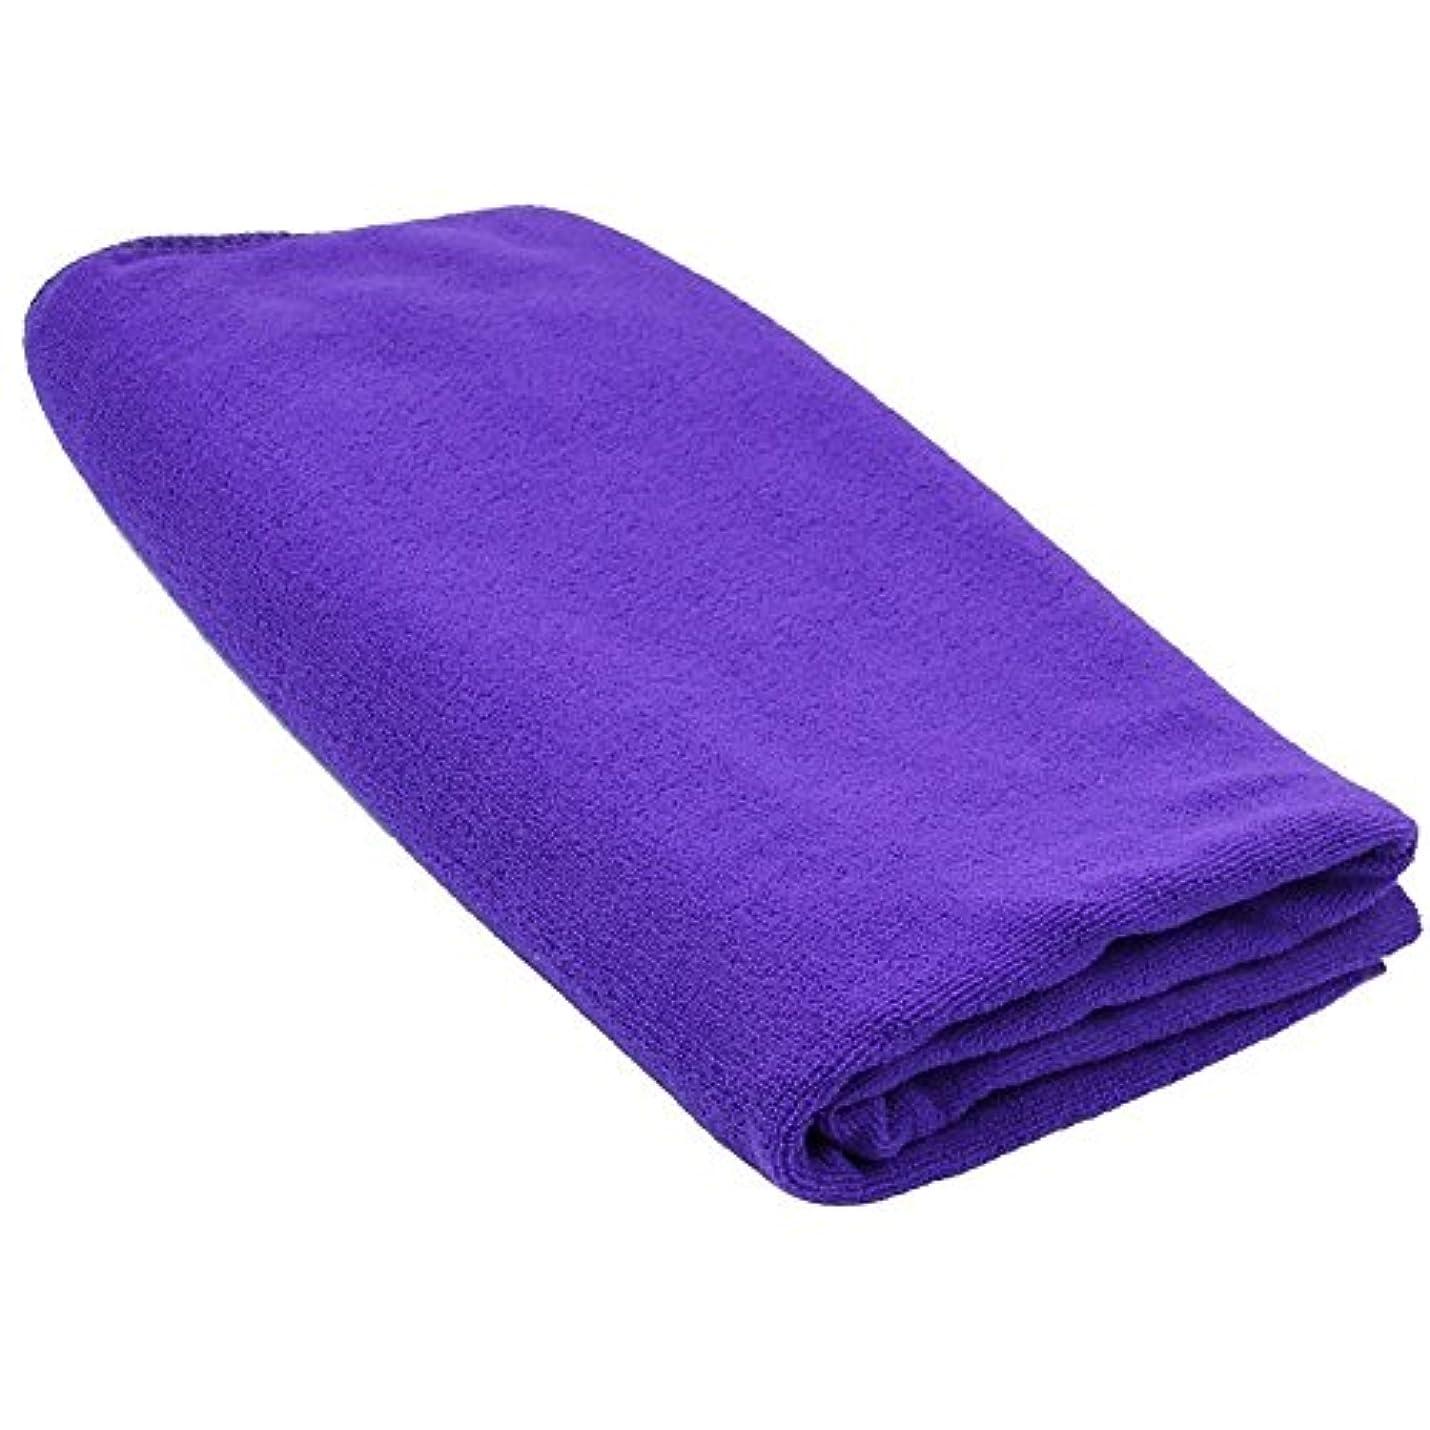 ラグキャプテンドループSODIAL(R) 耐久性がある速乾性マイクロファイバーバスタオル 旅行 ジム キャンプ スポーツ用 紫